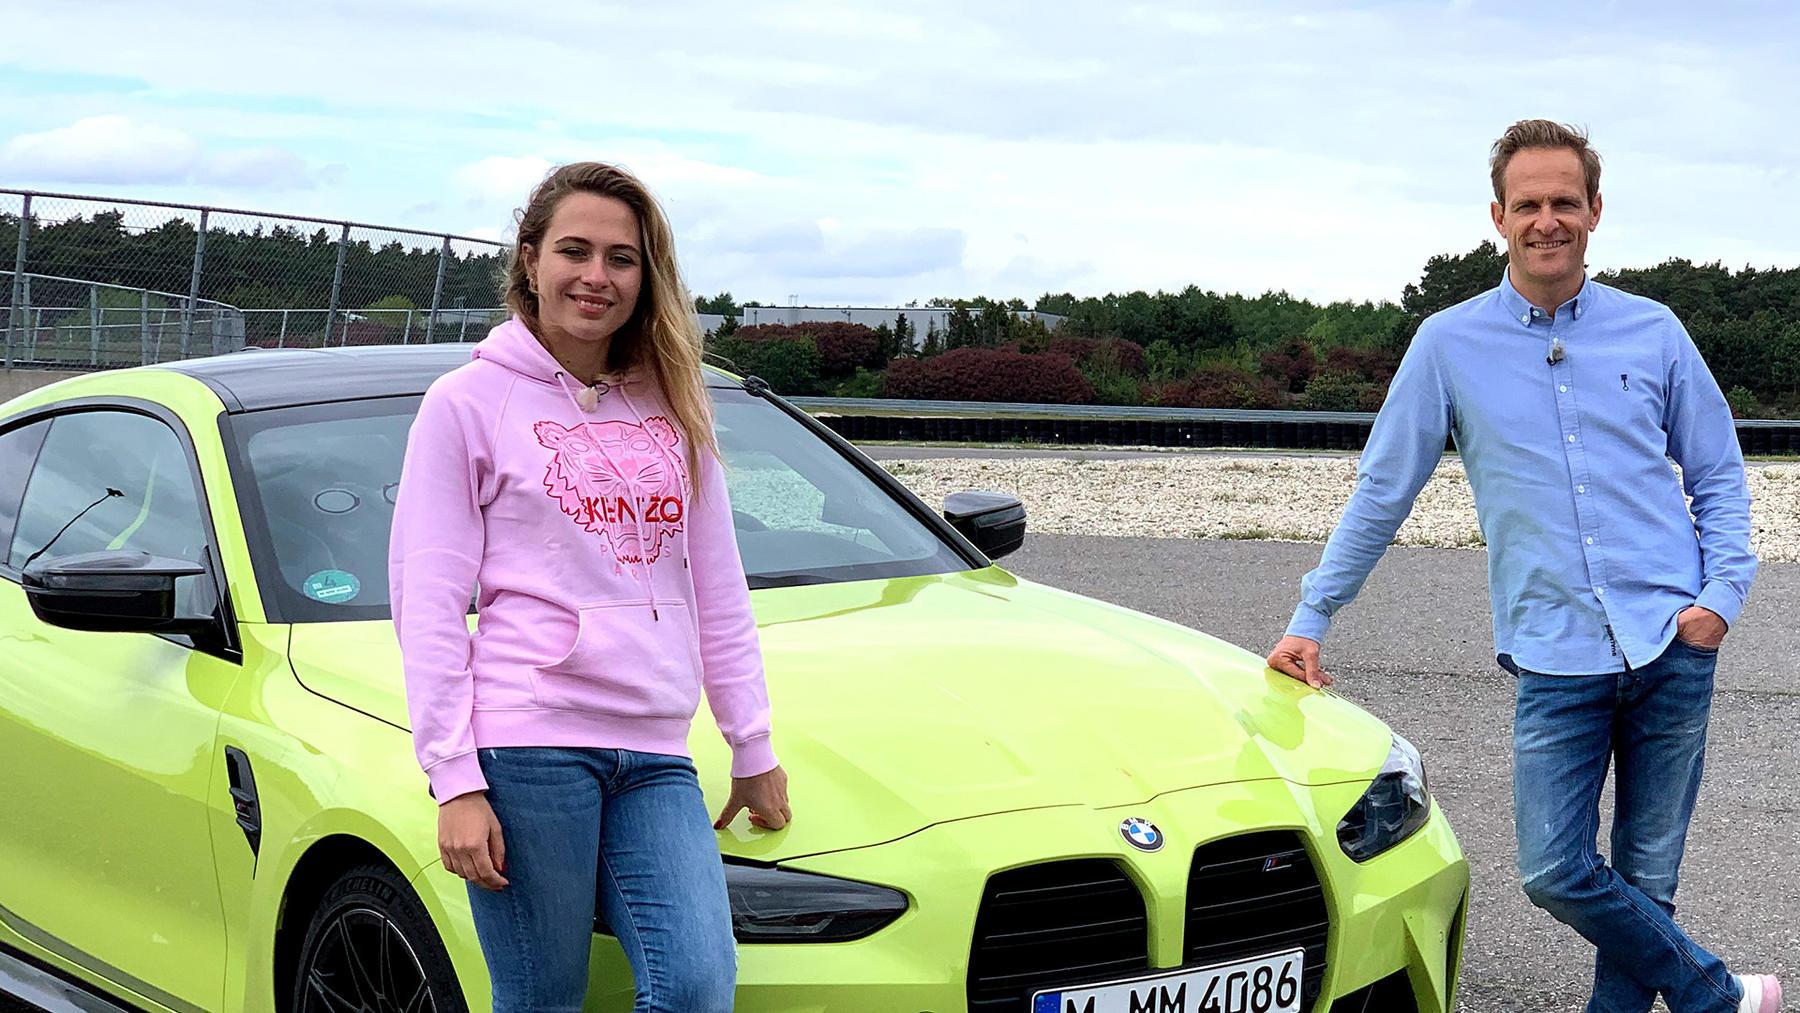 Performance-Coupés - BMW M4 Competition vs. Porsche 911 Carrera S